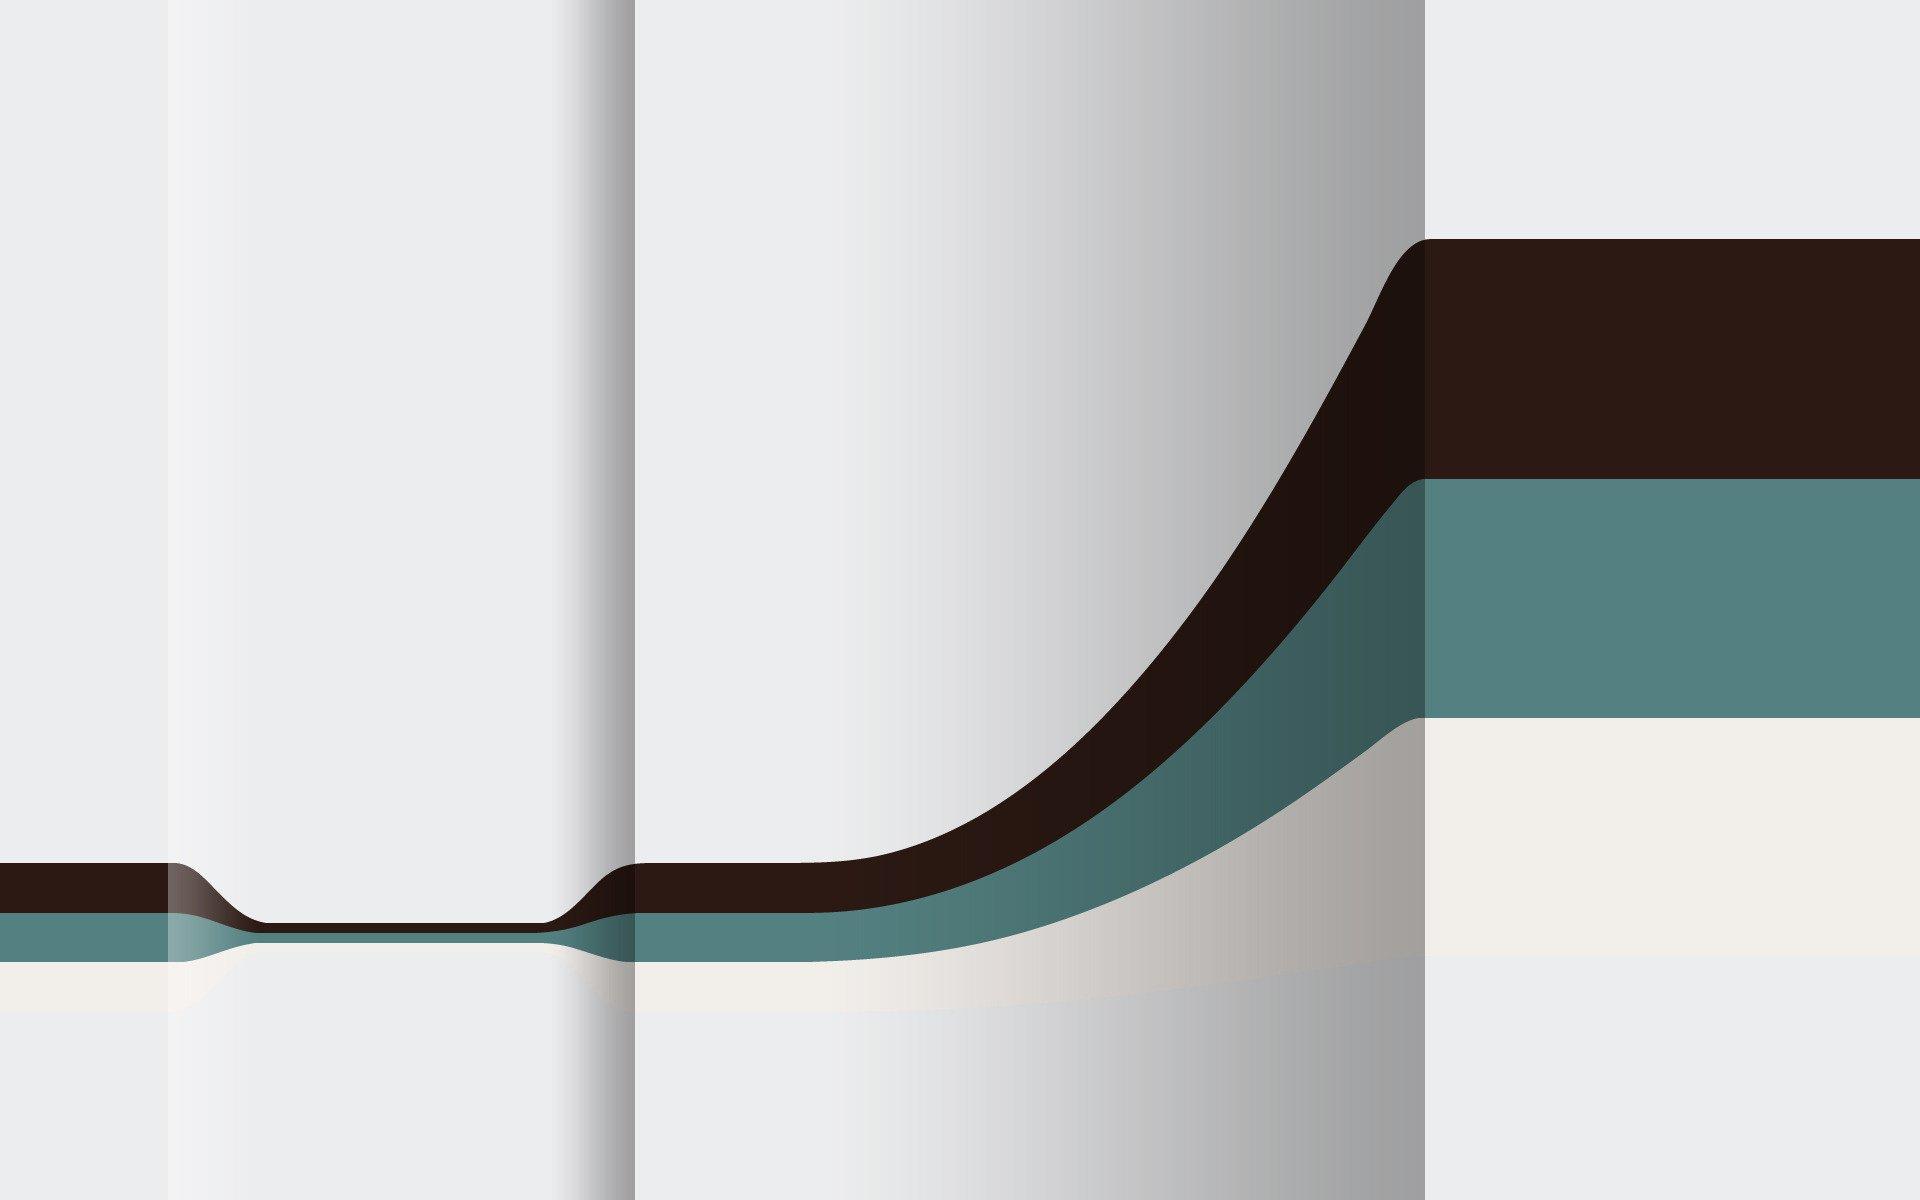 シンプルな雑誌の背景デザイン 壁紙blanco Hd 19x10 Wallpapertip